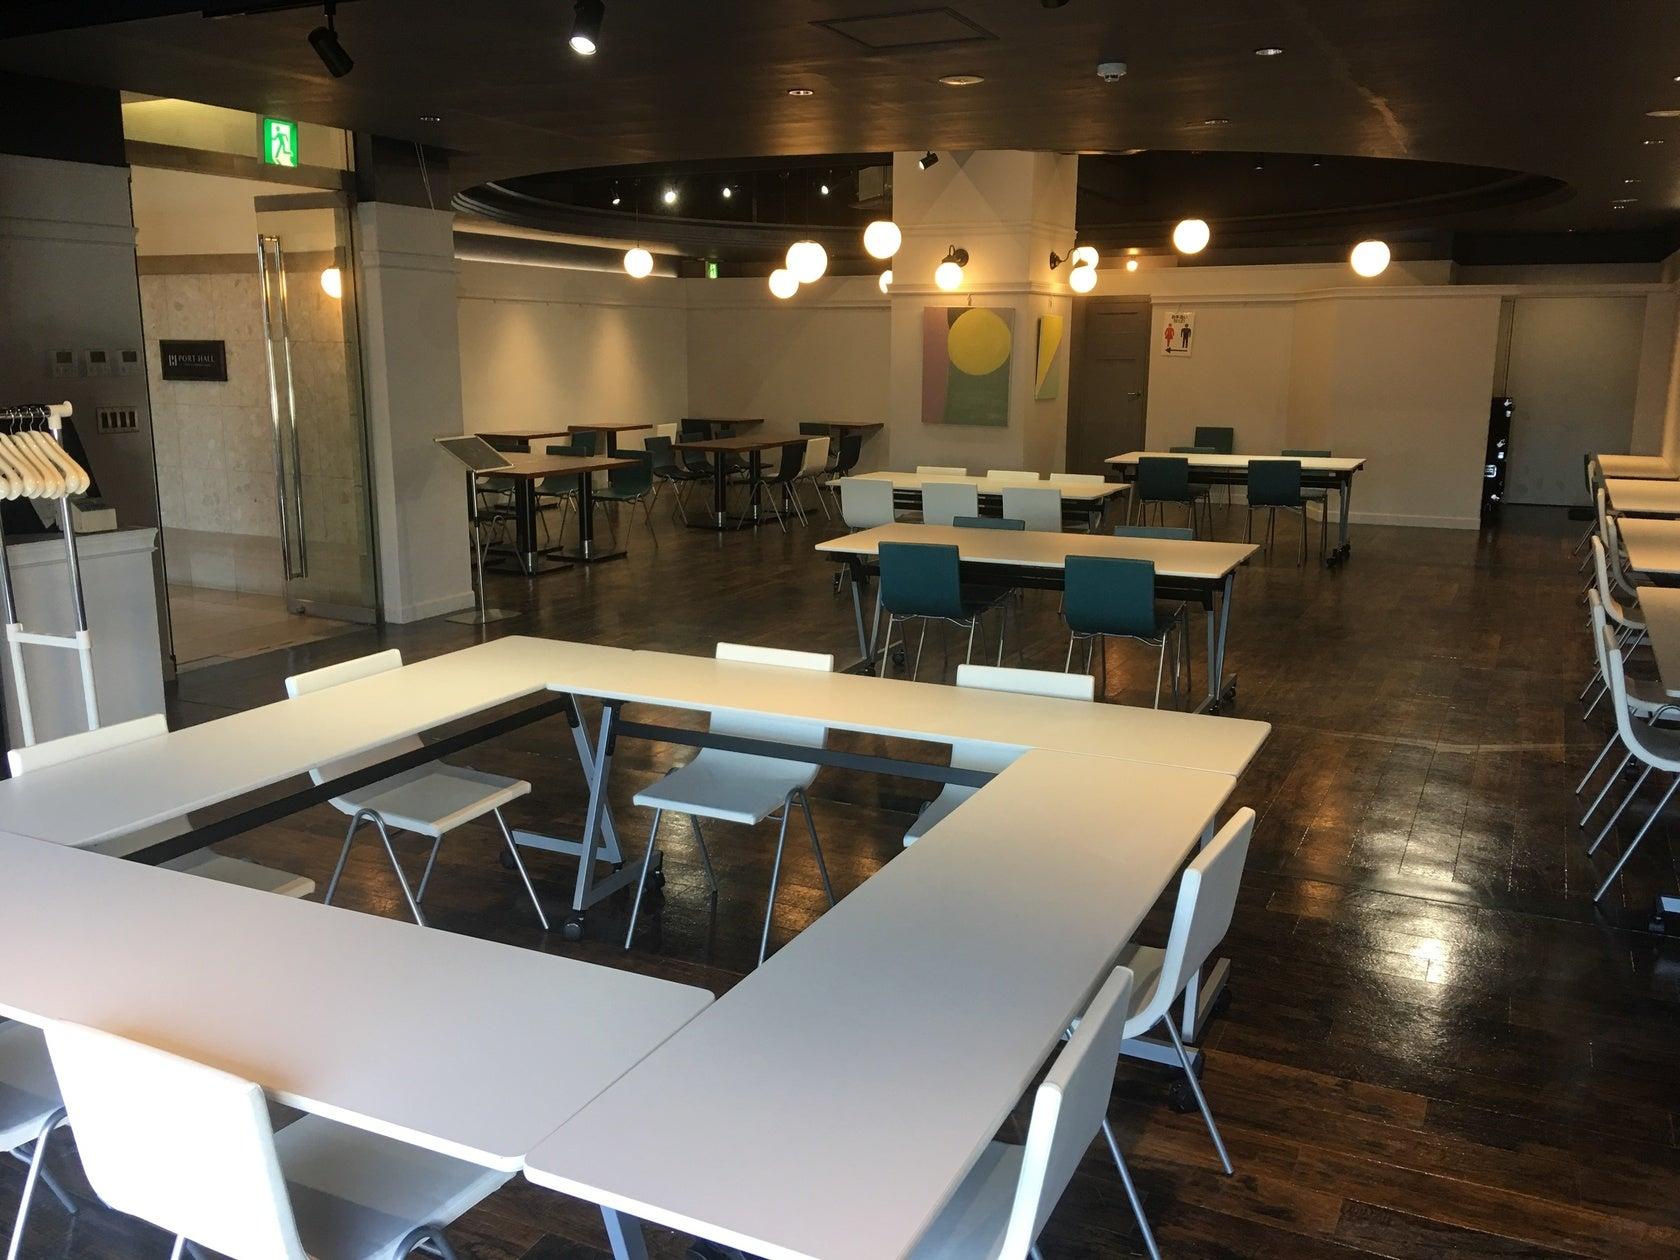 平日限定:ホテル1階【ポートホール】コーワーキングスペース(静岡県富士市ホテル。コンビニ・レストラン・大駐車場(120台)あり。) の写真0